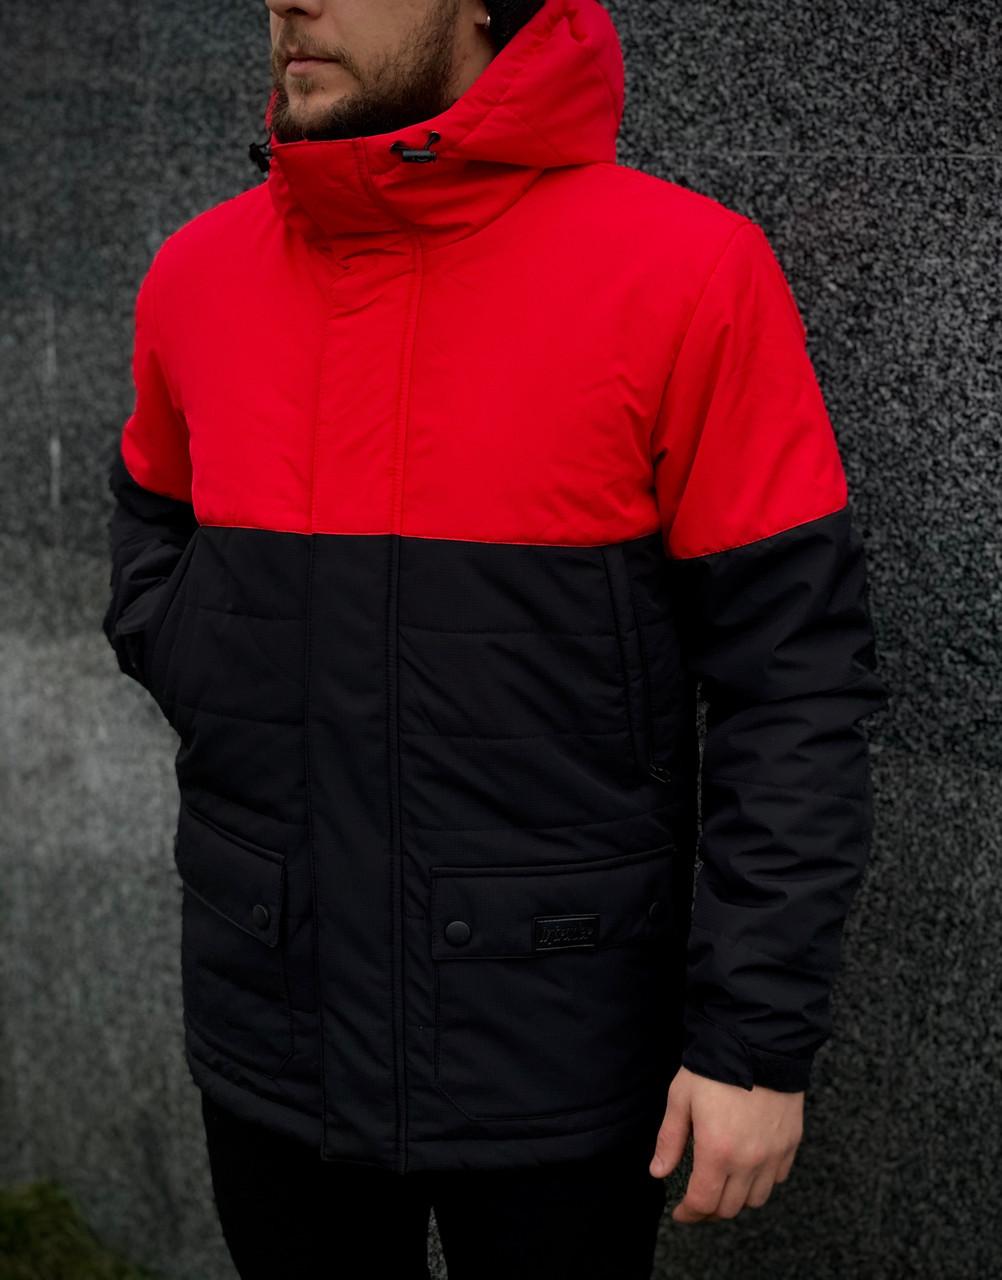 """Демисезонная мужская куртка Intruder """"Waterproof"""" красная - черная в размере S 46 M 48 L 50 XL 52"""